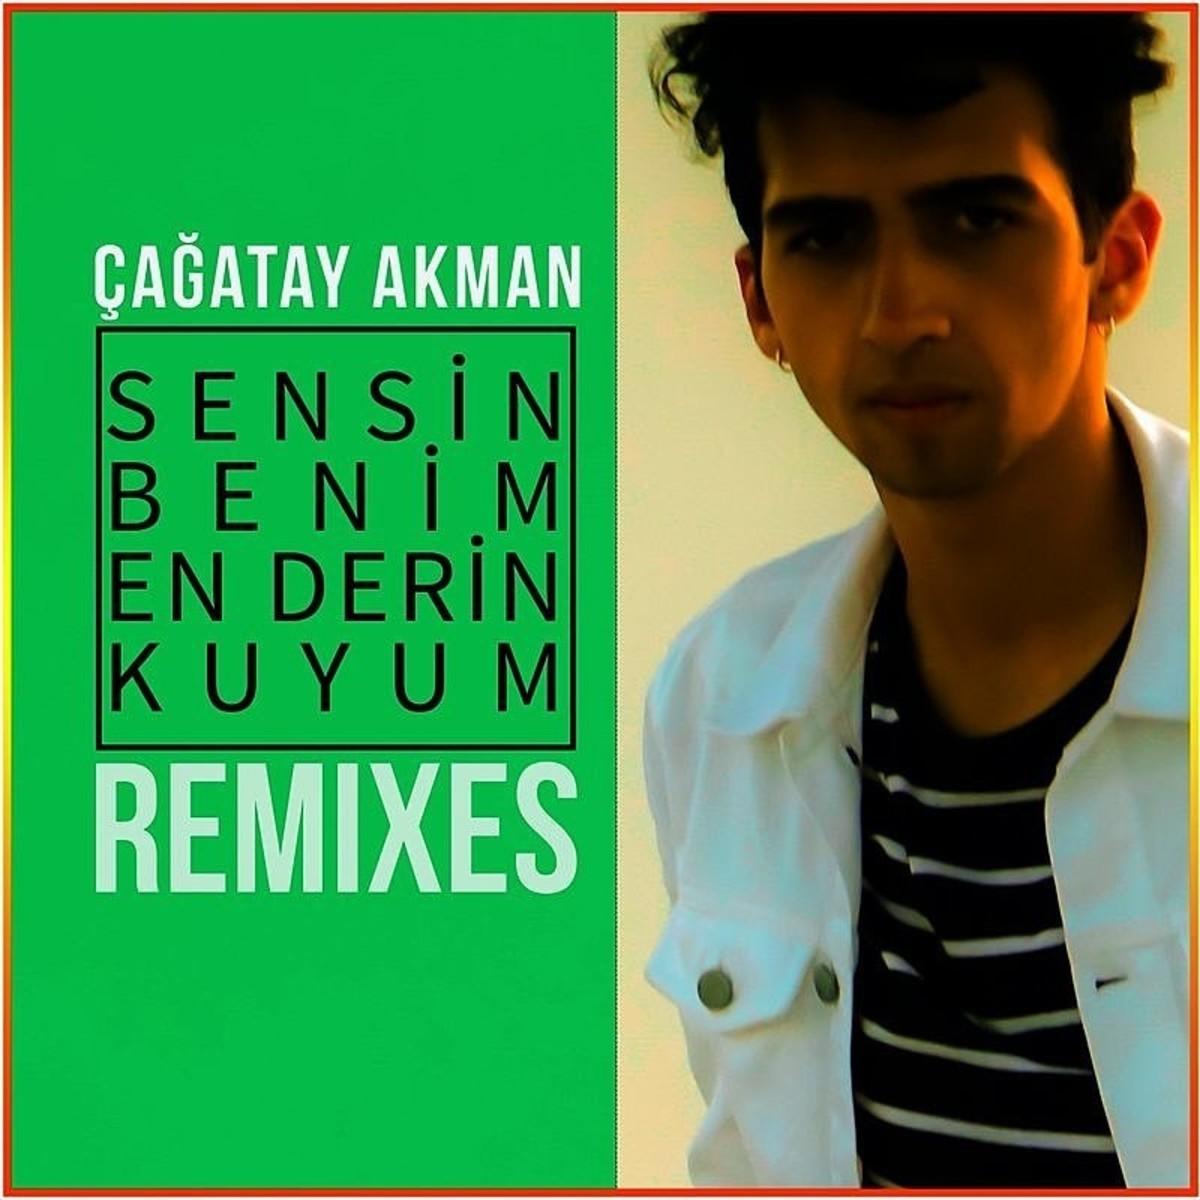 Sensin Benim En Derin Kuyum Mehmet Akin Remix Mp3 Song Download